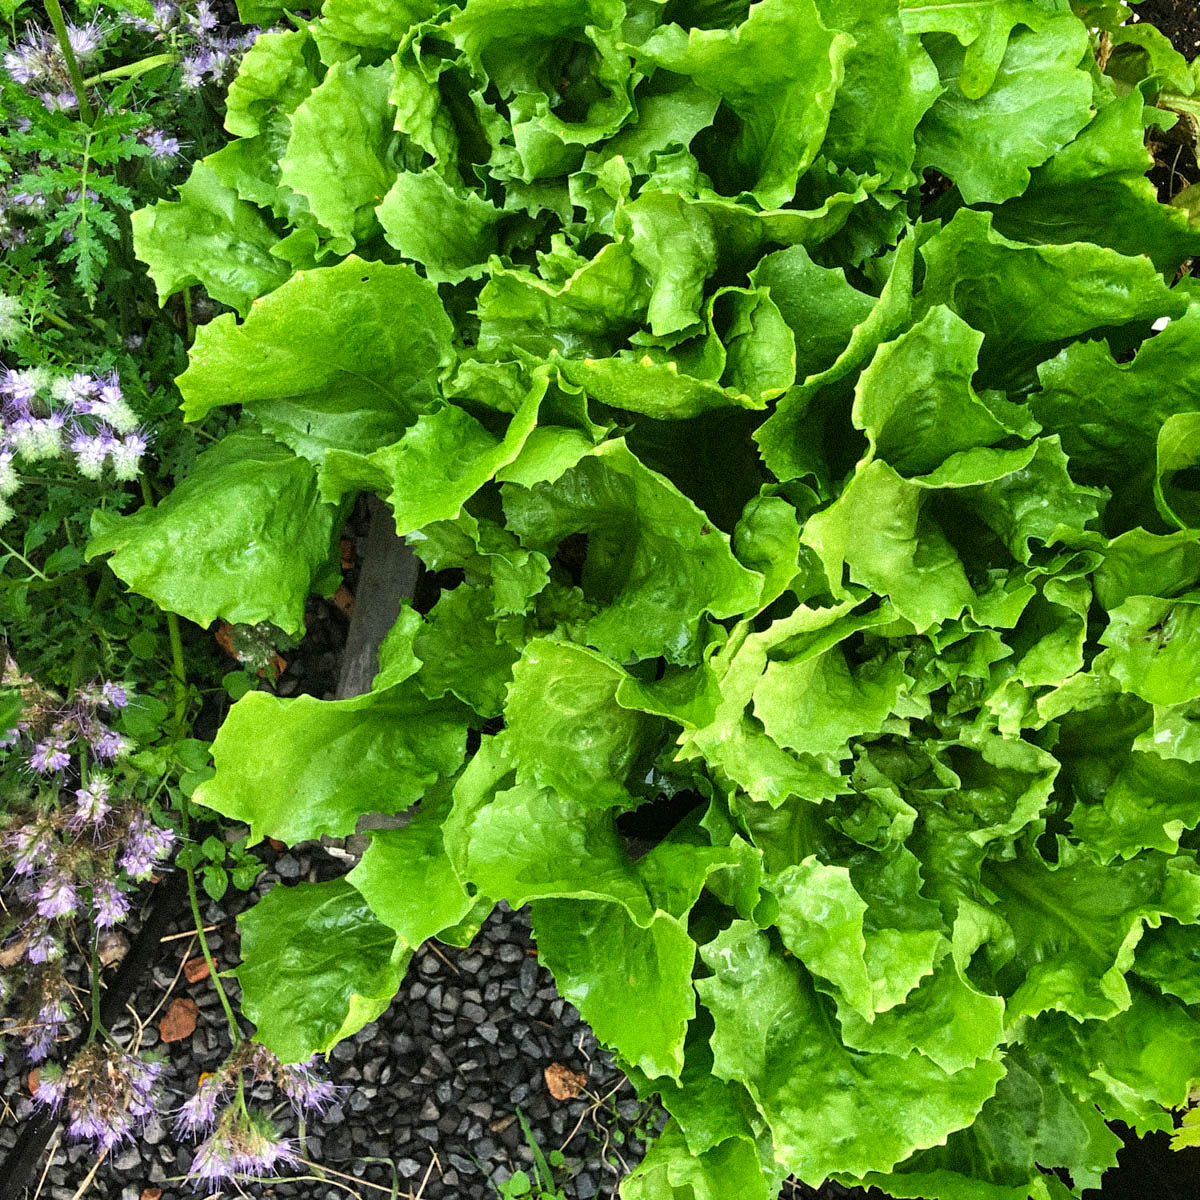 blog-july:-summer-in-the-veg-garden1.jpg